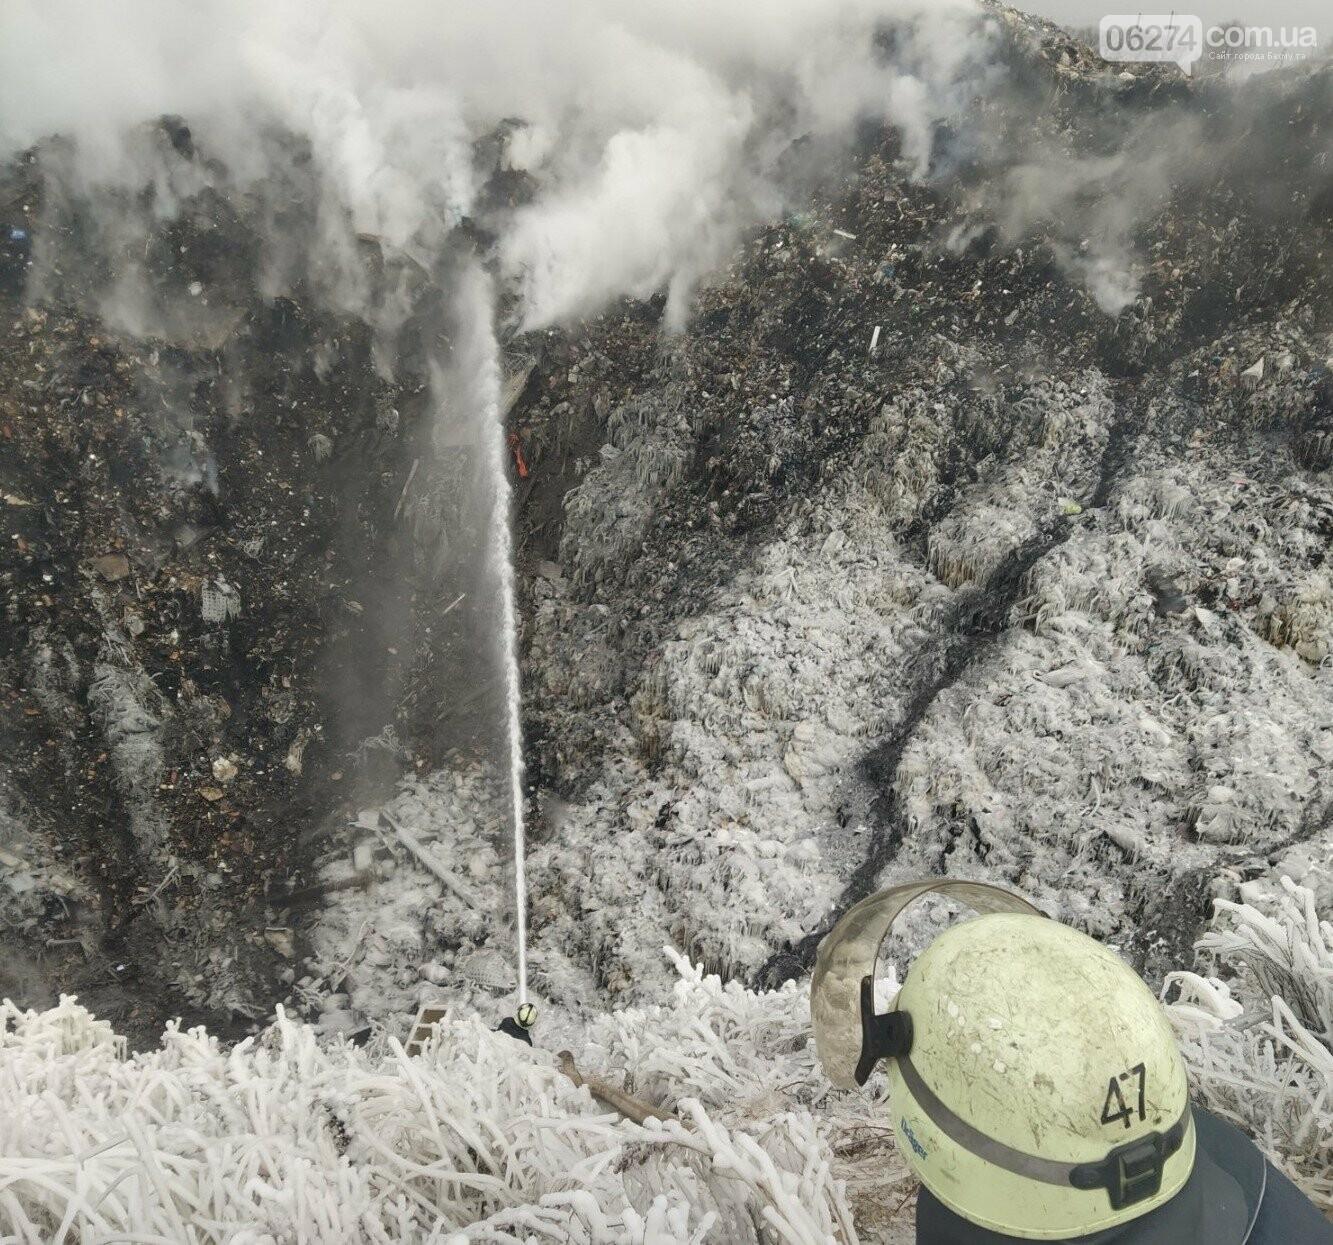 Спасатели ликвидируют пожар на полигоне вблизи г. Бахмут, фото-4